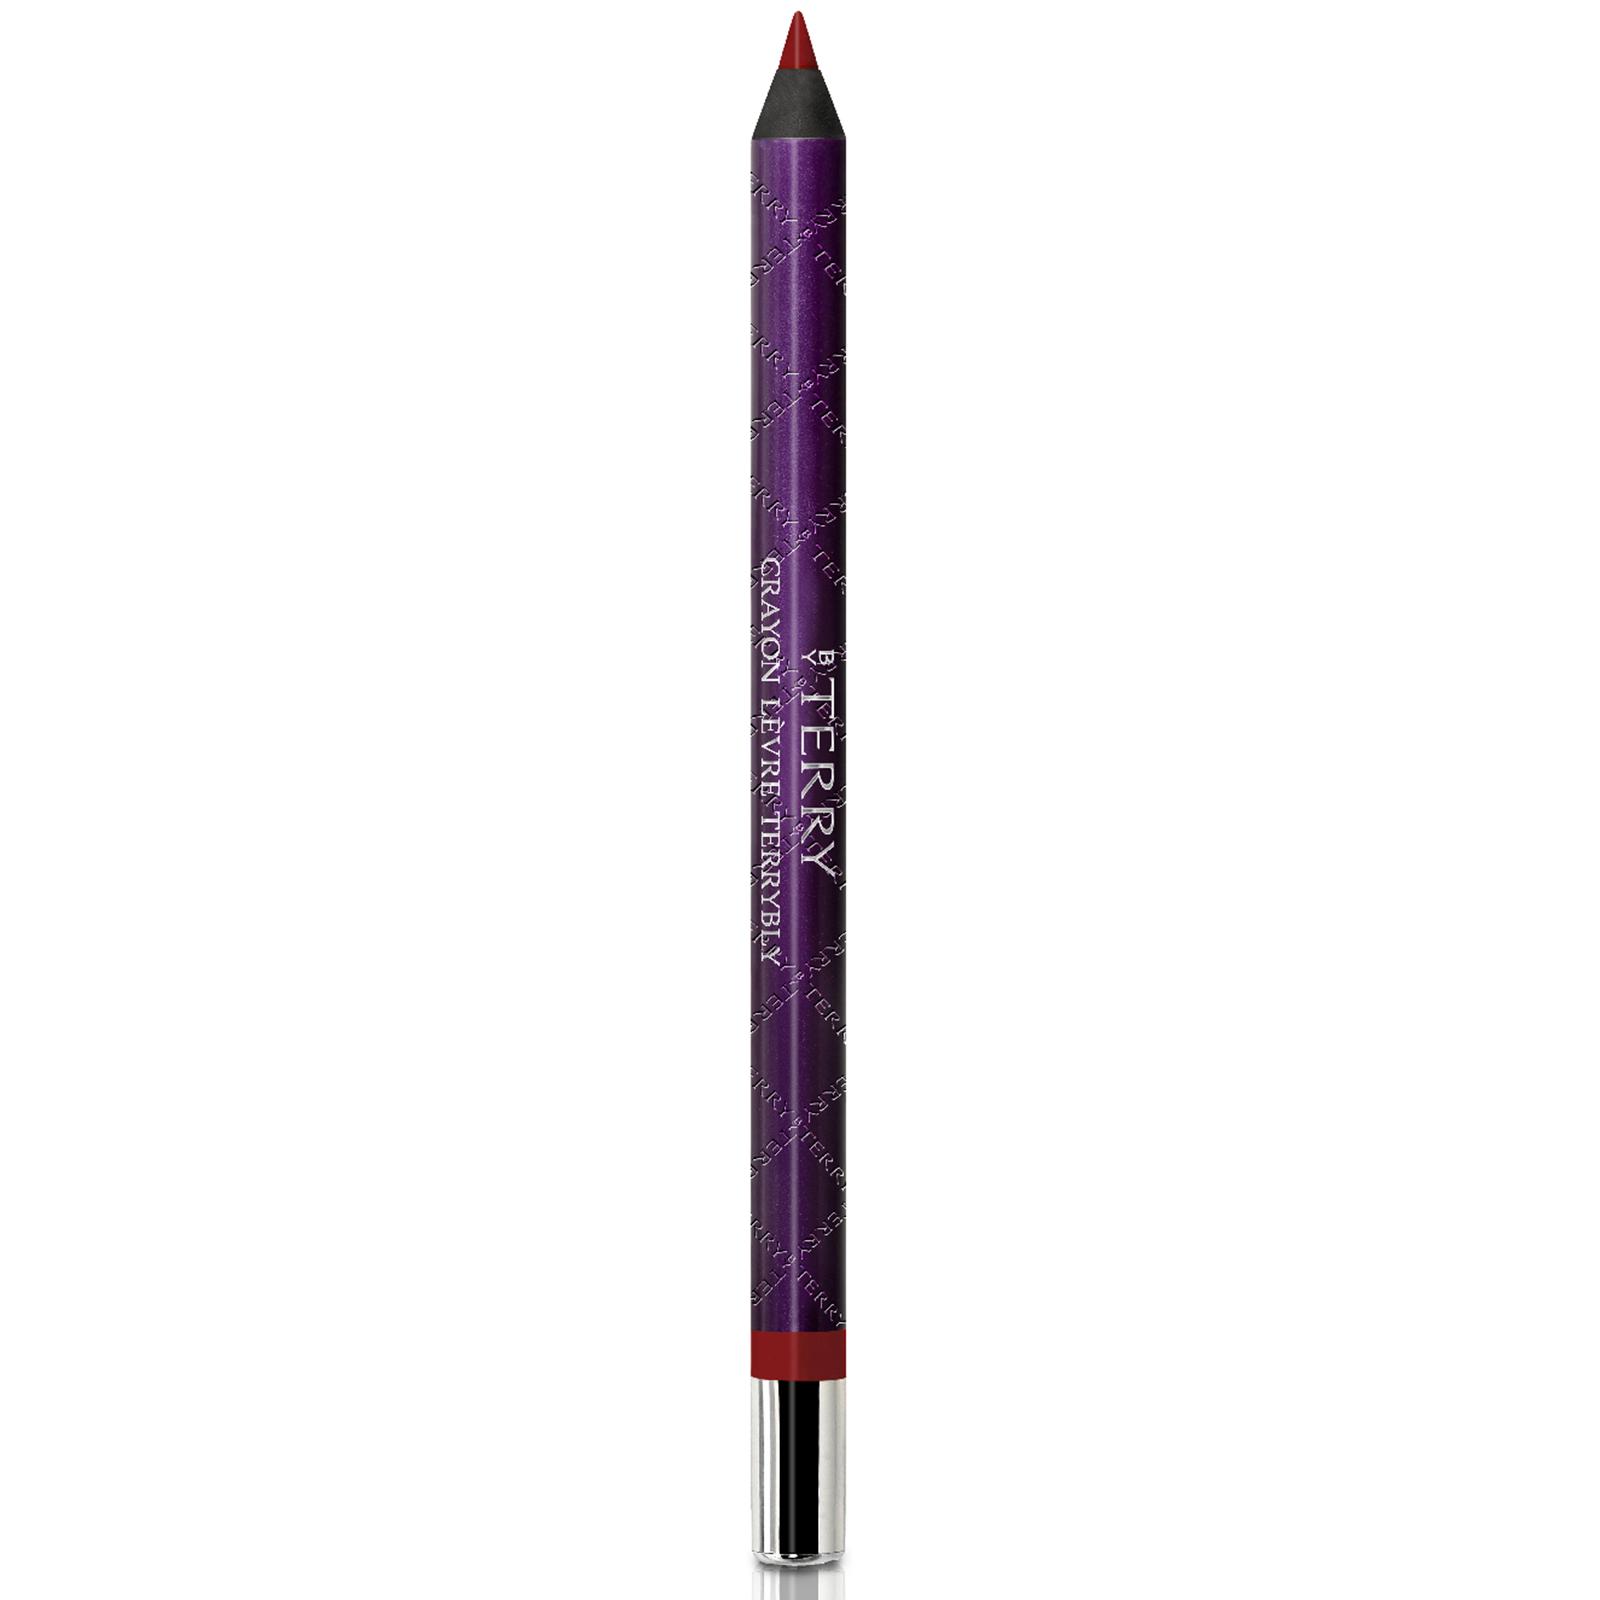 Delineador de Lábios Crayon Lèvres Terrybly da By Terry 1,2 g (Vários tons) - 4. Red Cancan